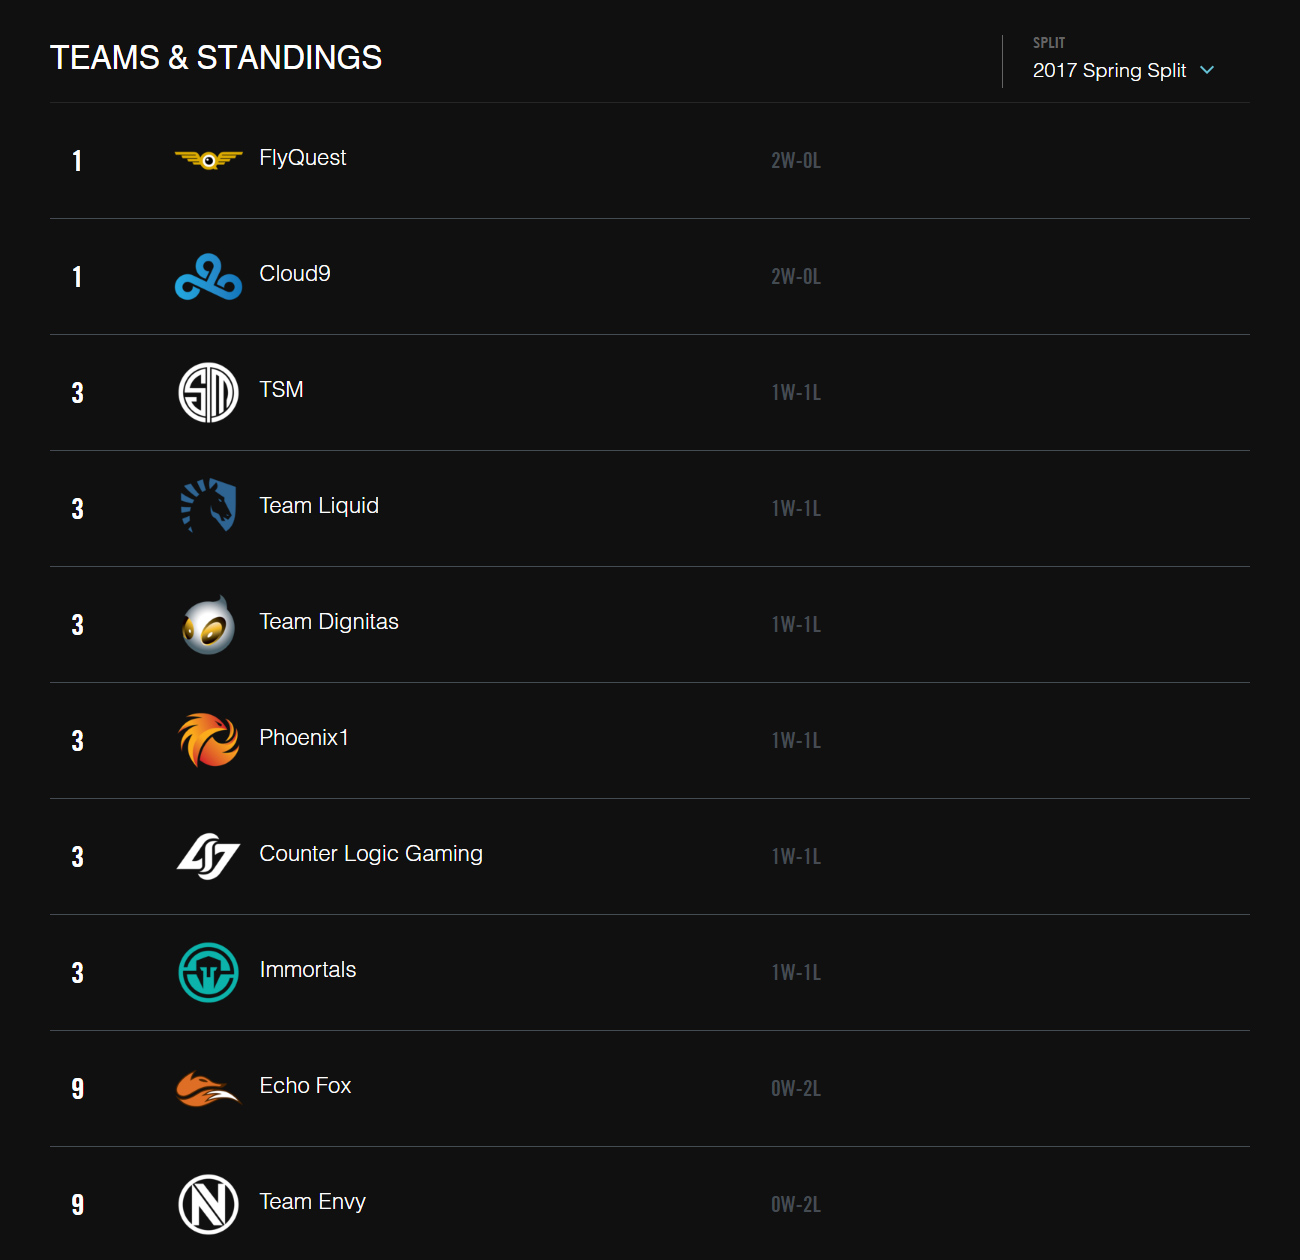 Bảng xếp hạng LCS Bắc Mỹ Mùa Xuân 2017 sau khi kết thúc tuần 1